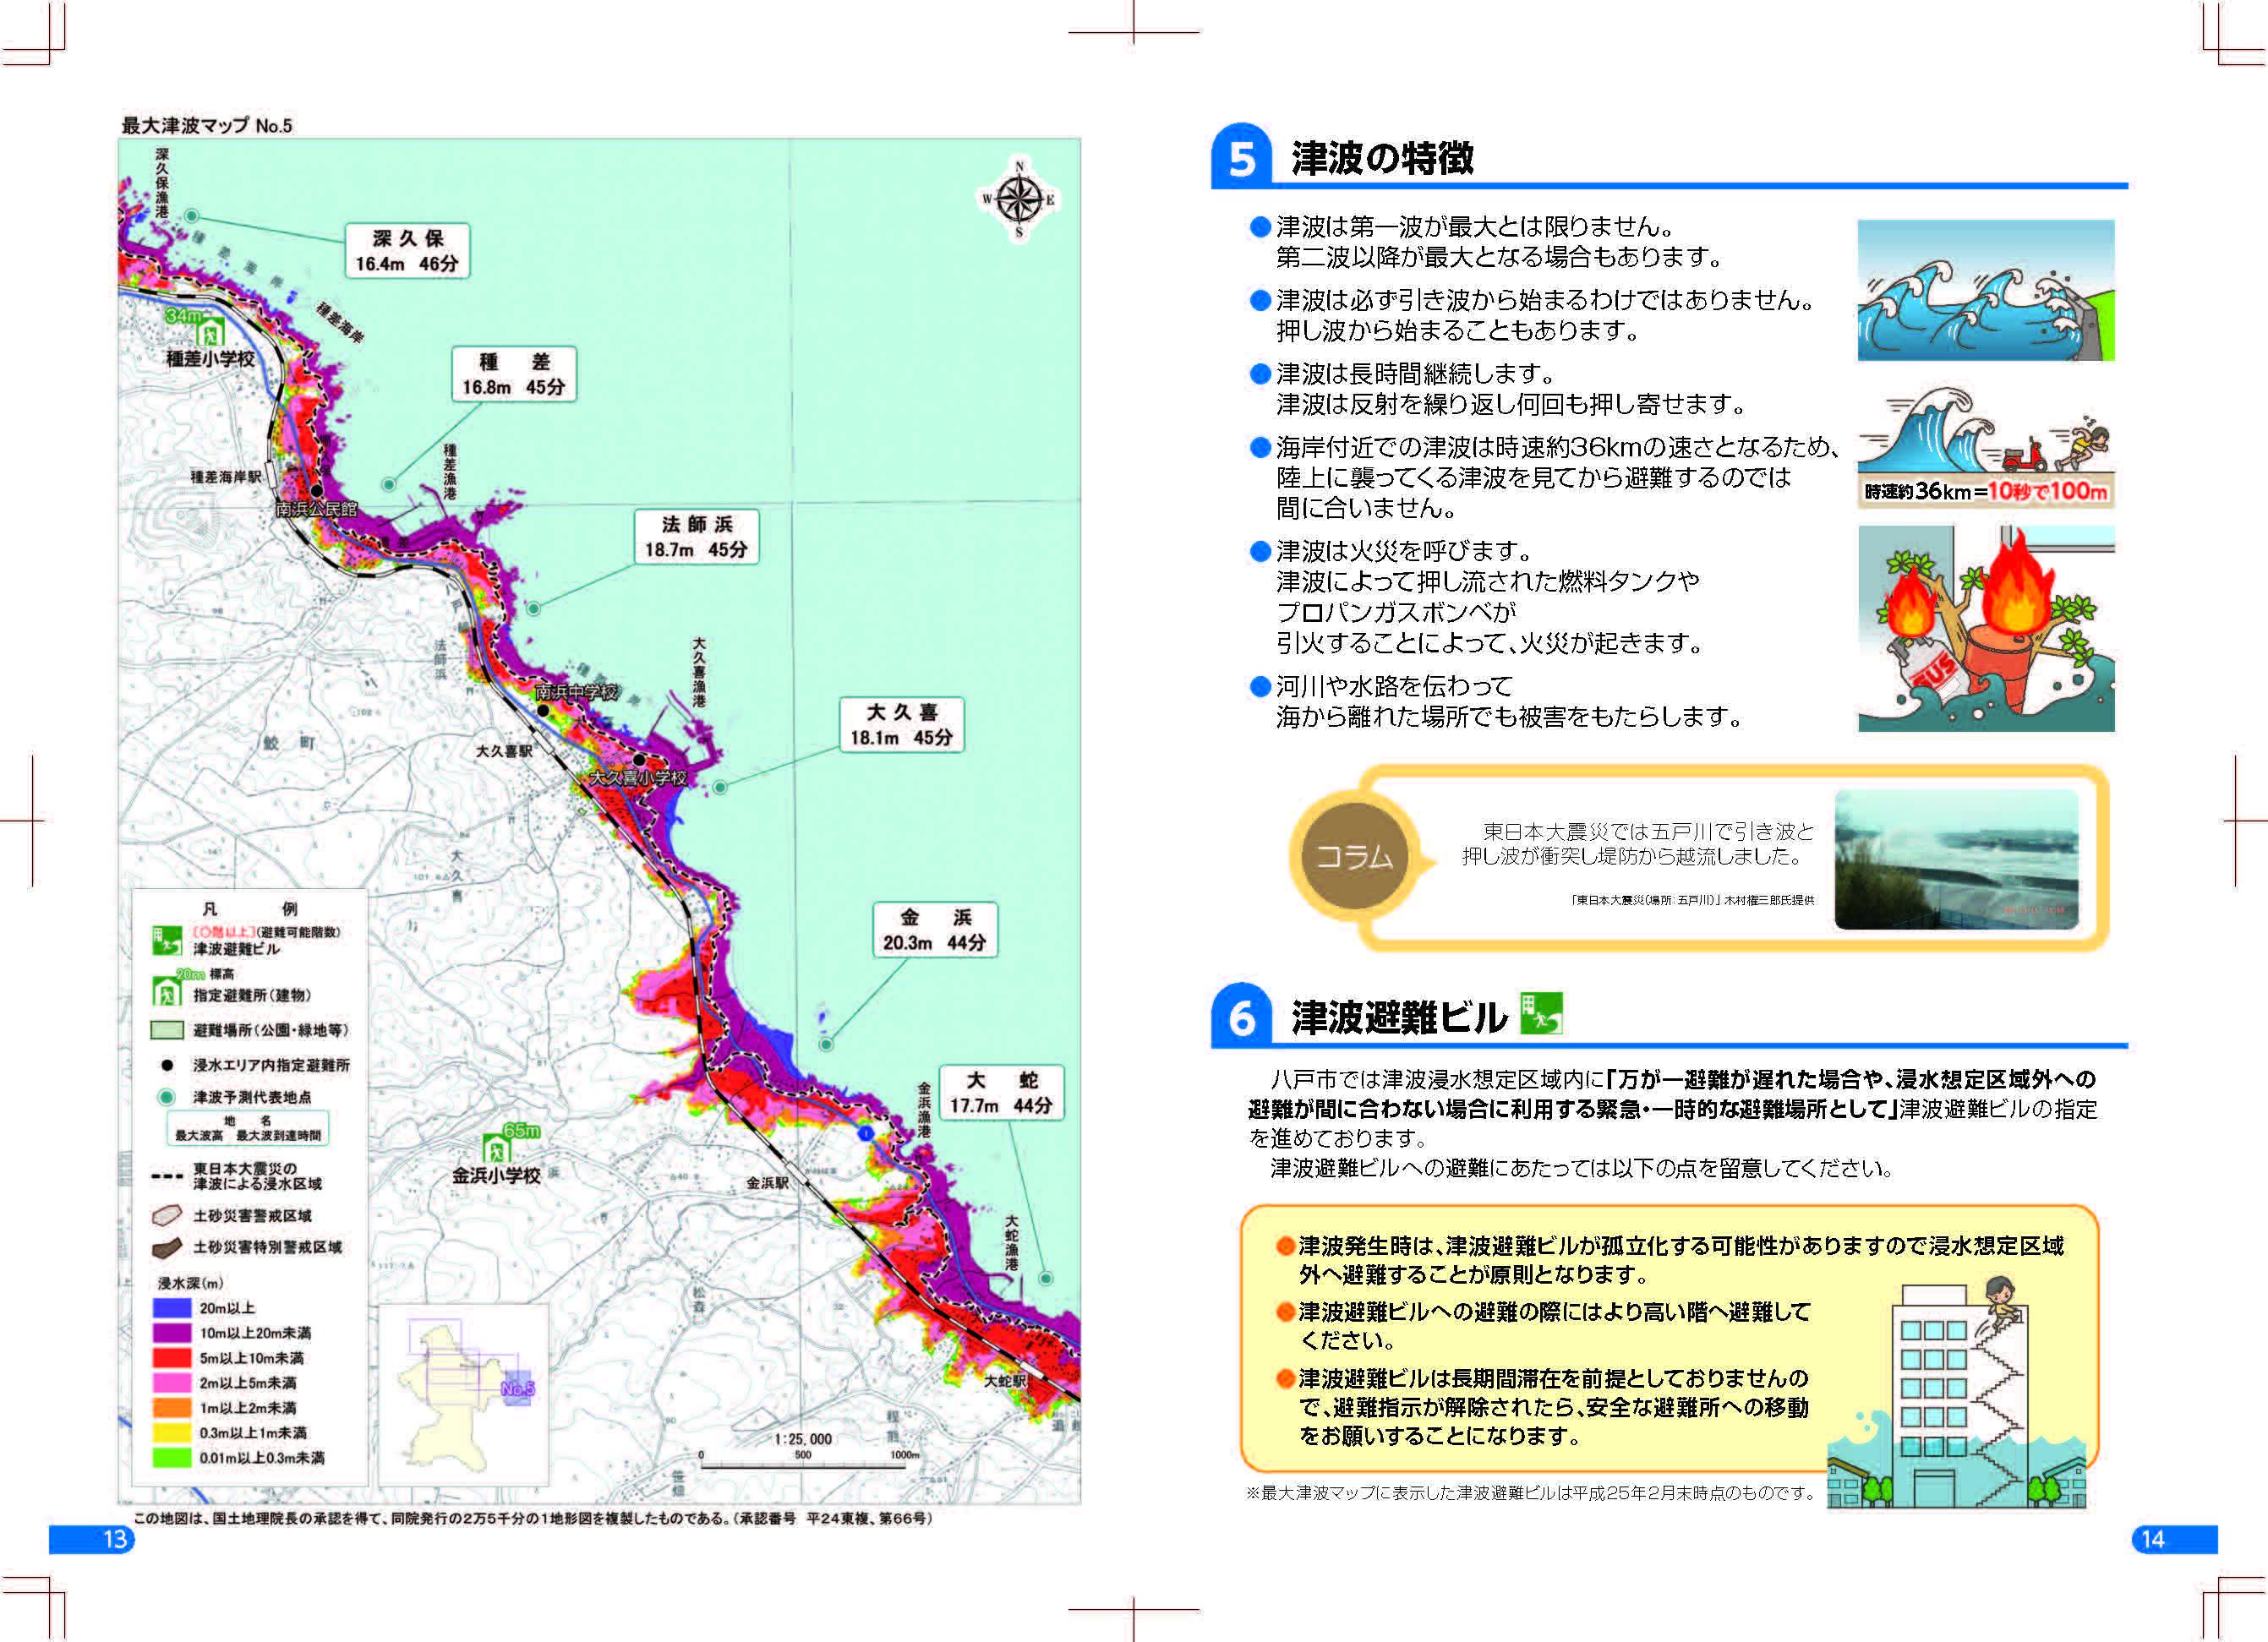 八戸市津波ハザードマップ